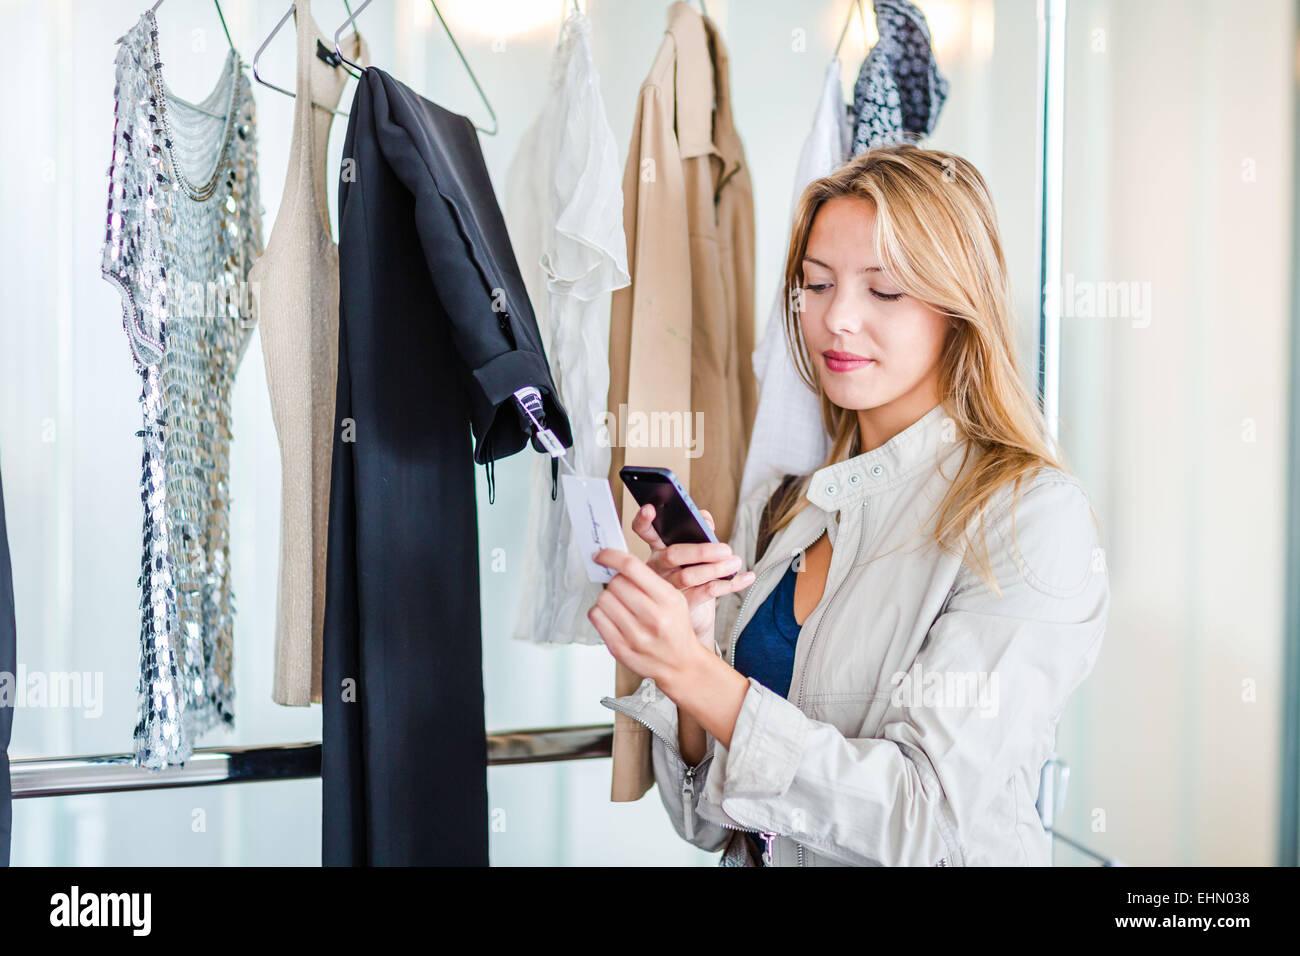 Femme à l'aide d'un chiffon en smartphone shop. Photo Stock